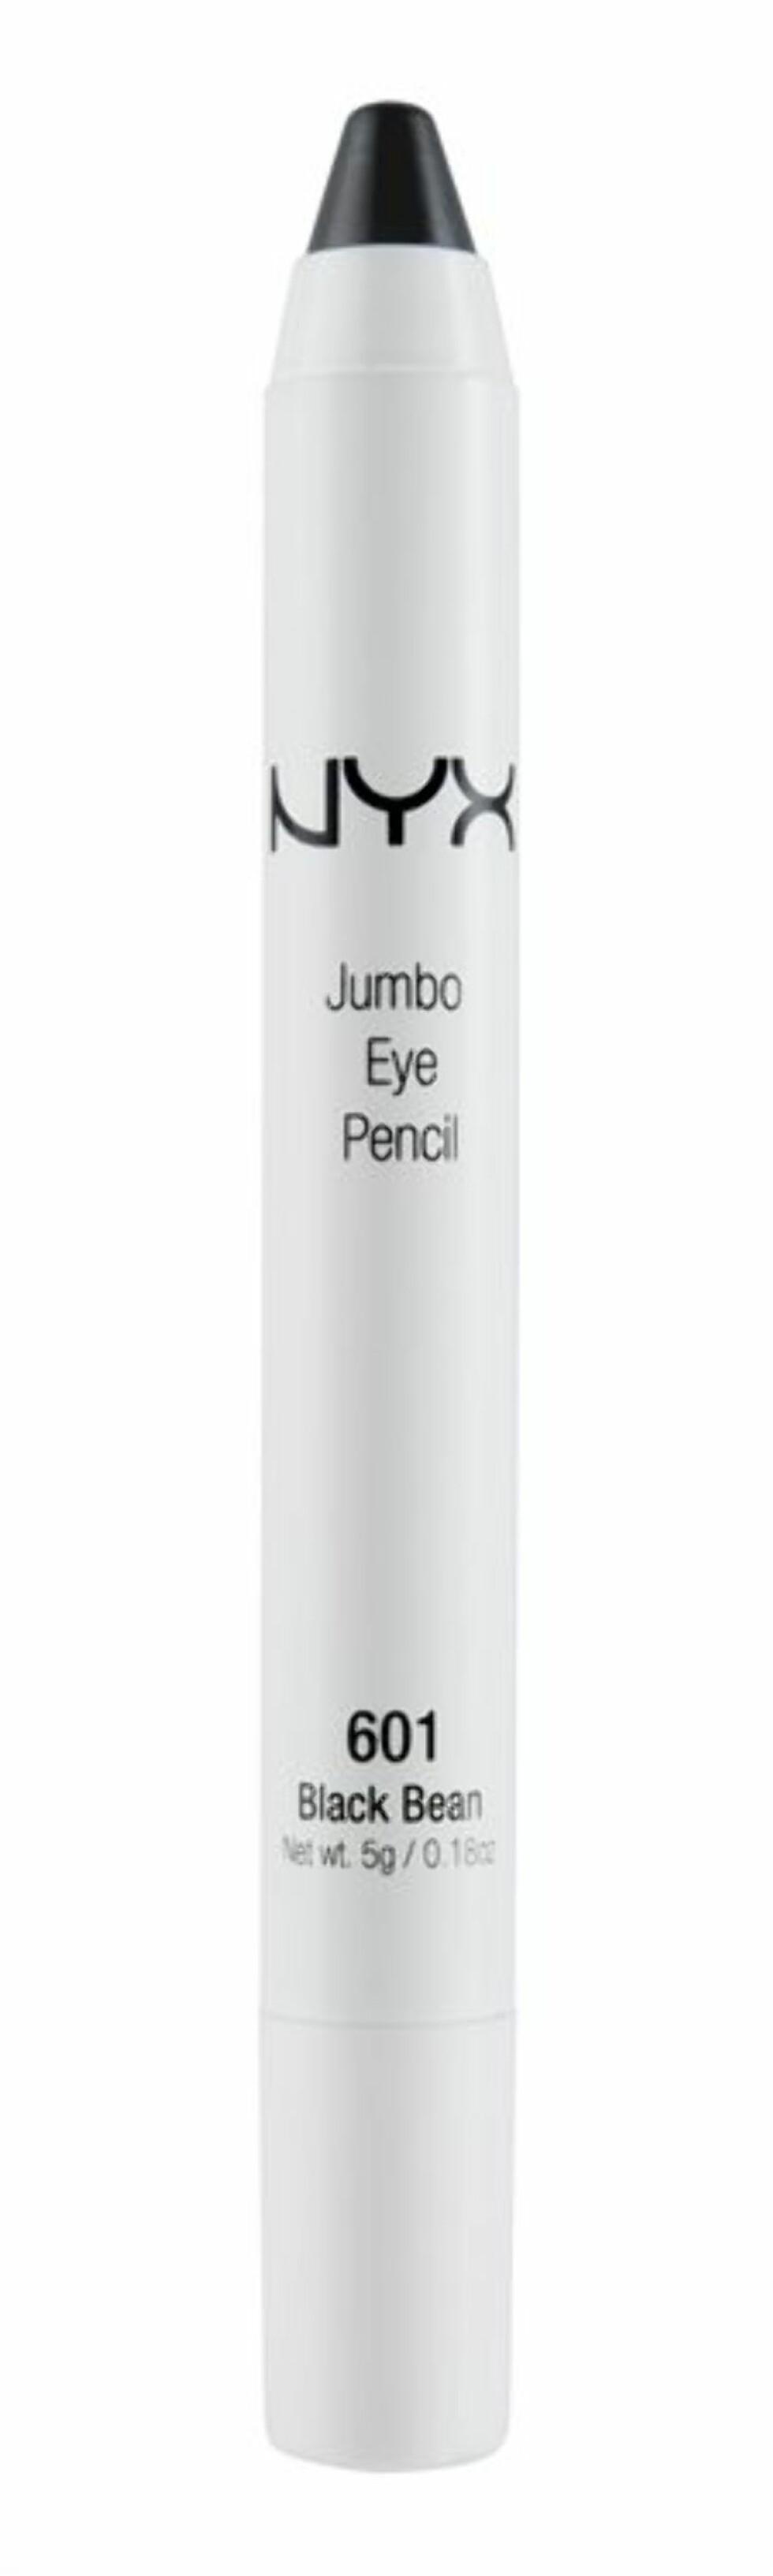 8 av 9 av kvinnene som har anmeldt denne eyelineren, gir den fem av fem stjerner på kvalitet og flere uttaler at de rett og slett elsker dette produktet.  Foto: Blivakker